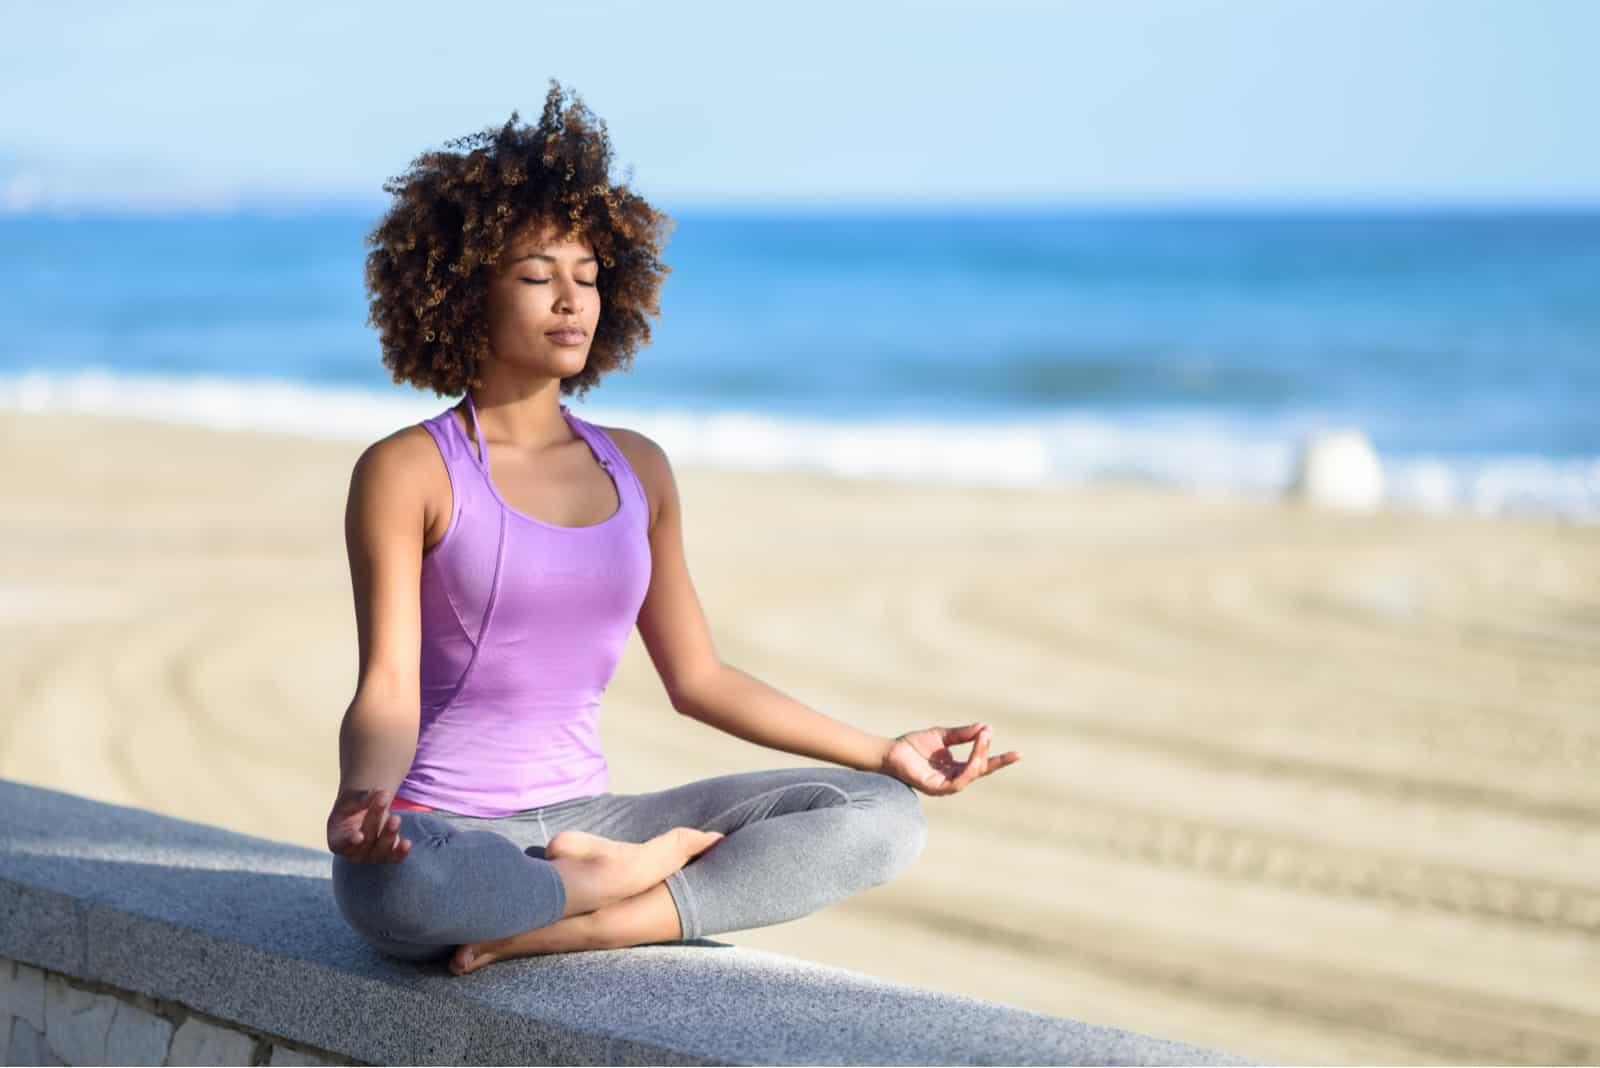 eine Frau mit krausem Haar sitzt auf dem Rücken und meditiert